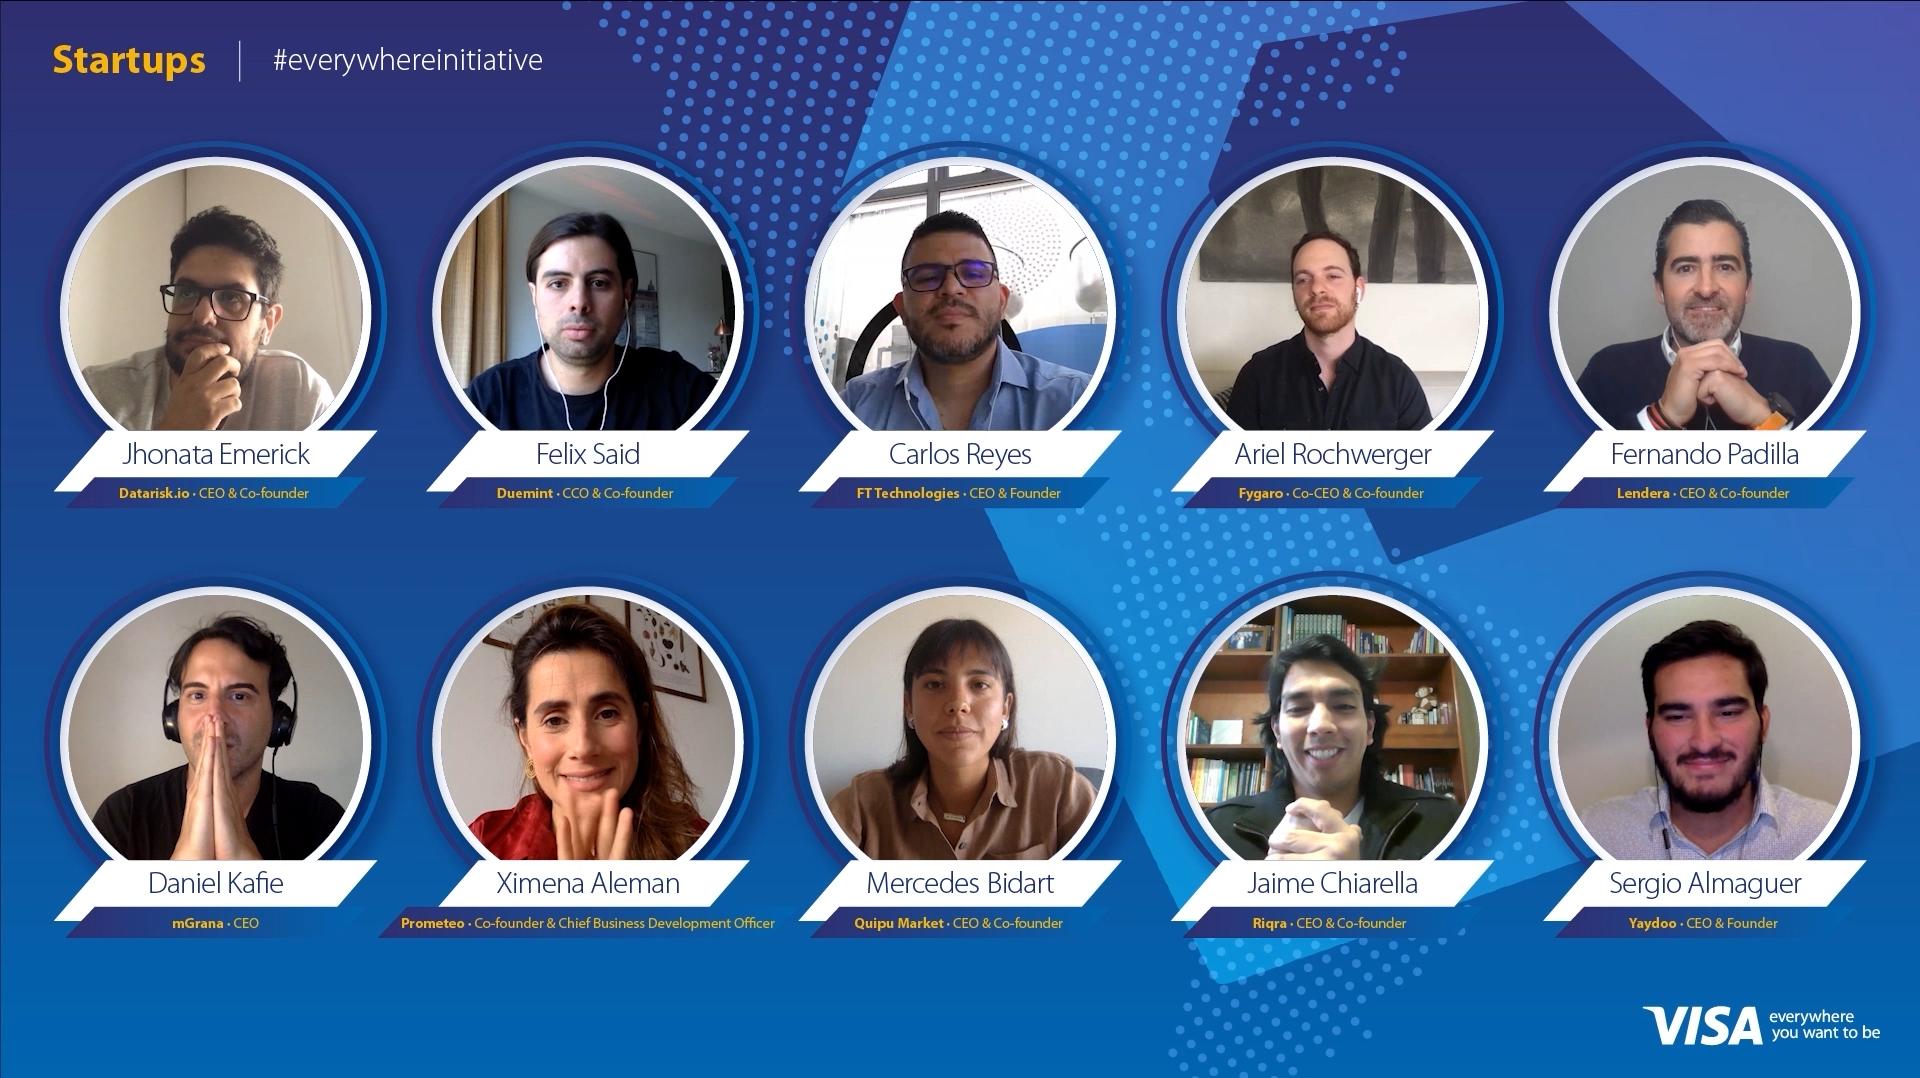 La startup Fygaro de Panamá se convierte en la ganadora de Visa Everywhere Initiative en América Latina y el Caribe